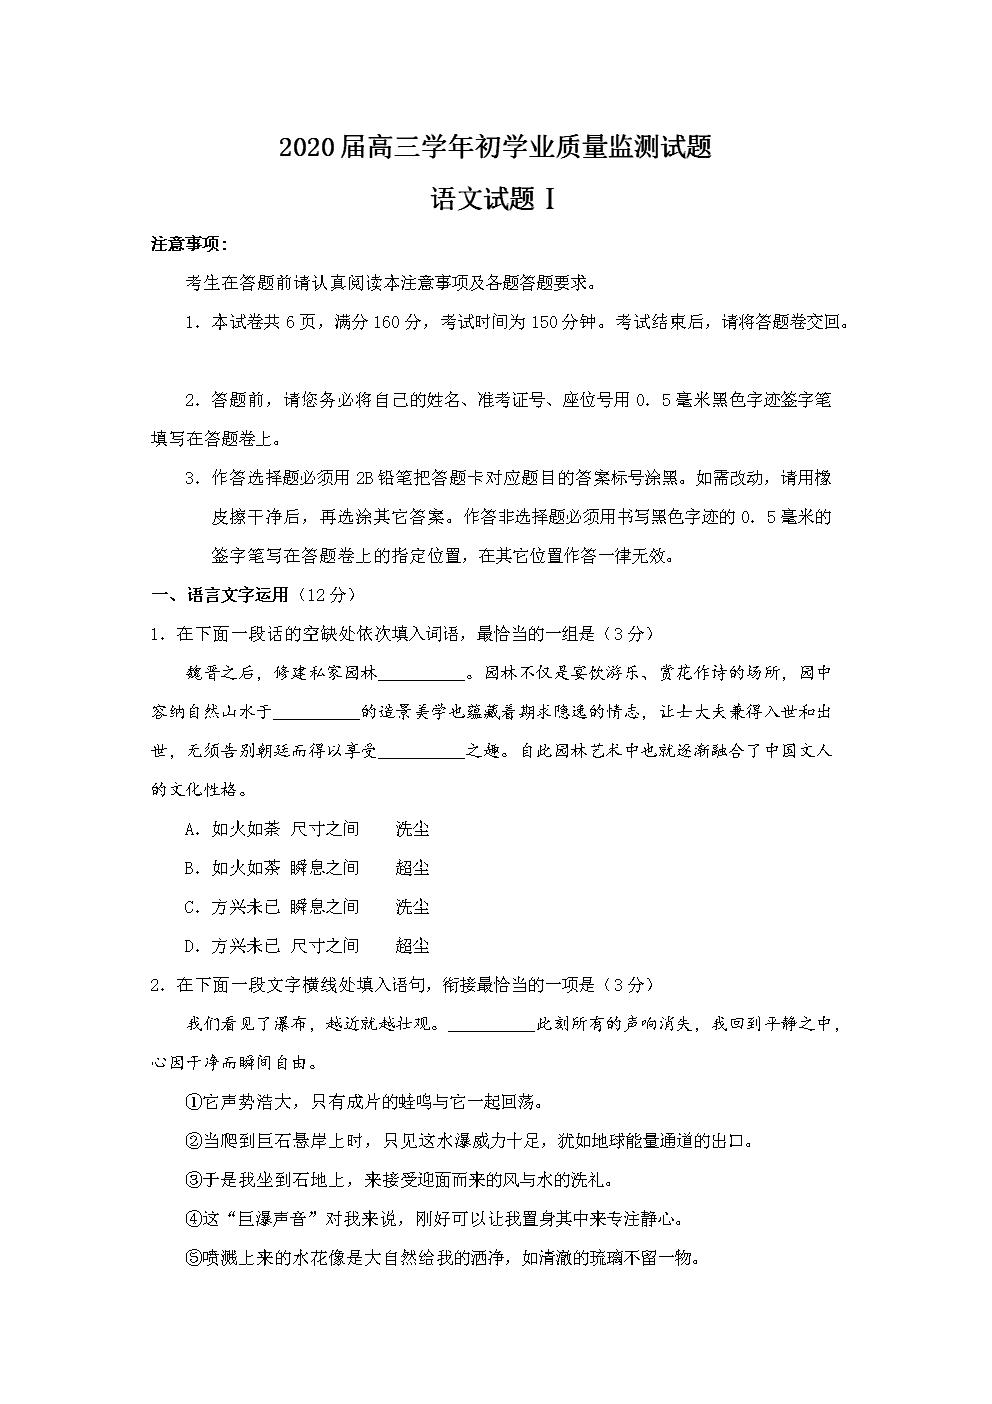 2019.9.15海安中学2020届高三学年初学业质量监测试题含答案.docx